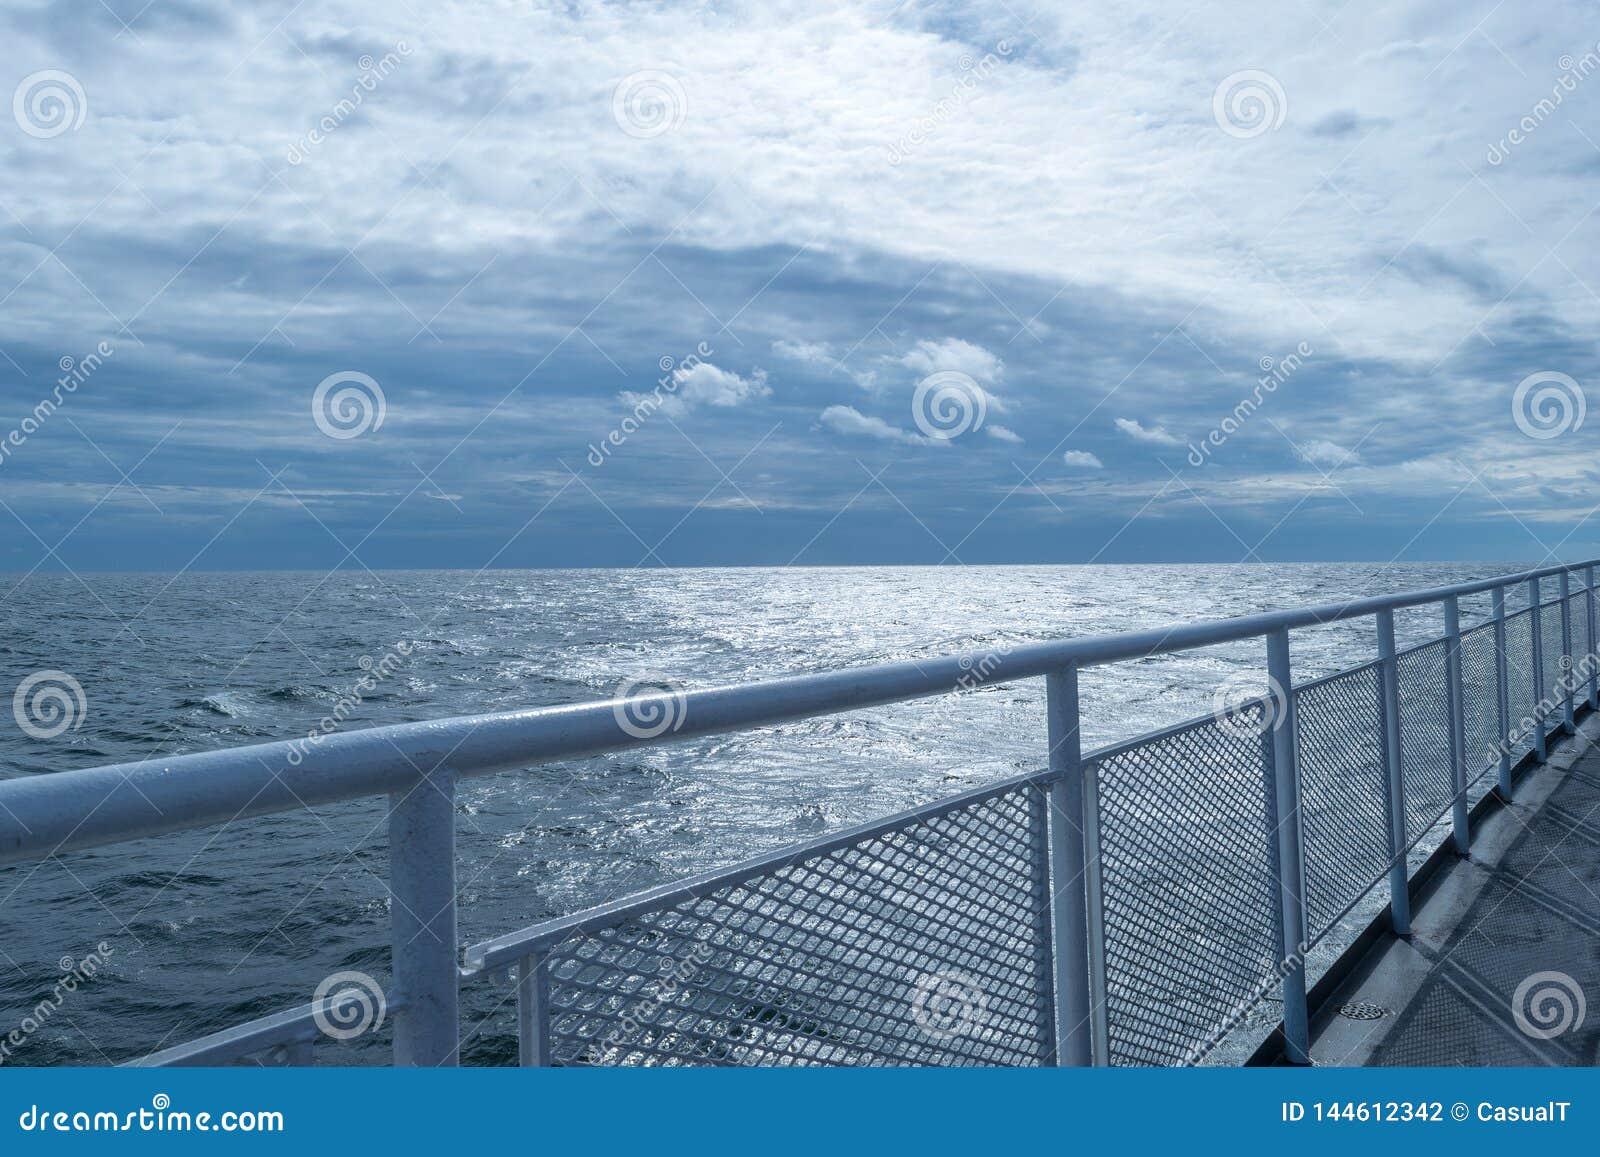 Omheinend op het hogere dek van een schip, dat met de horizon en de overweldigende blauwe hemel in de afstand samenkomt